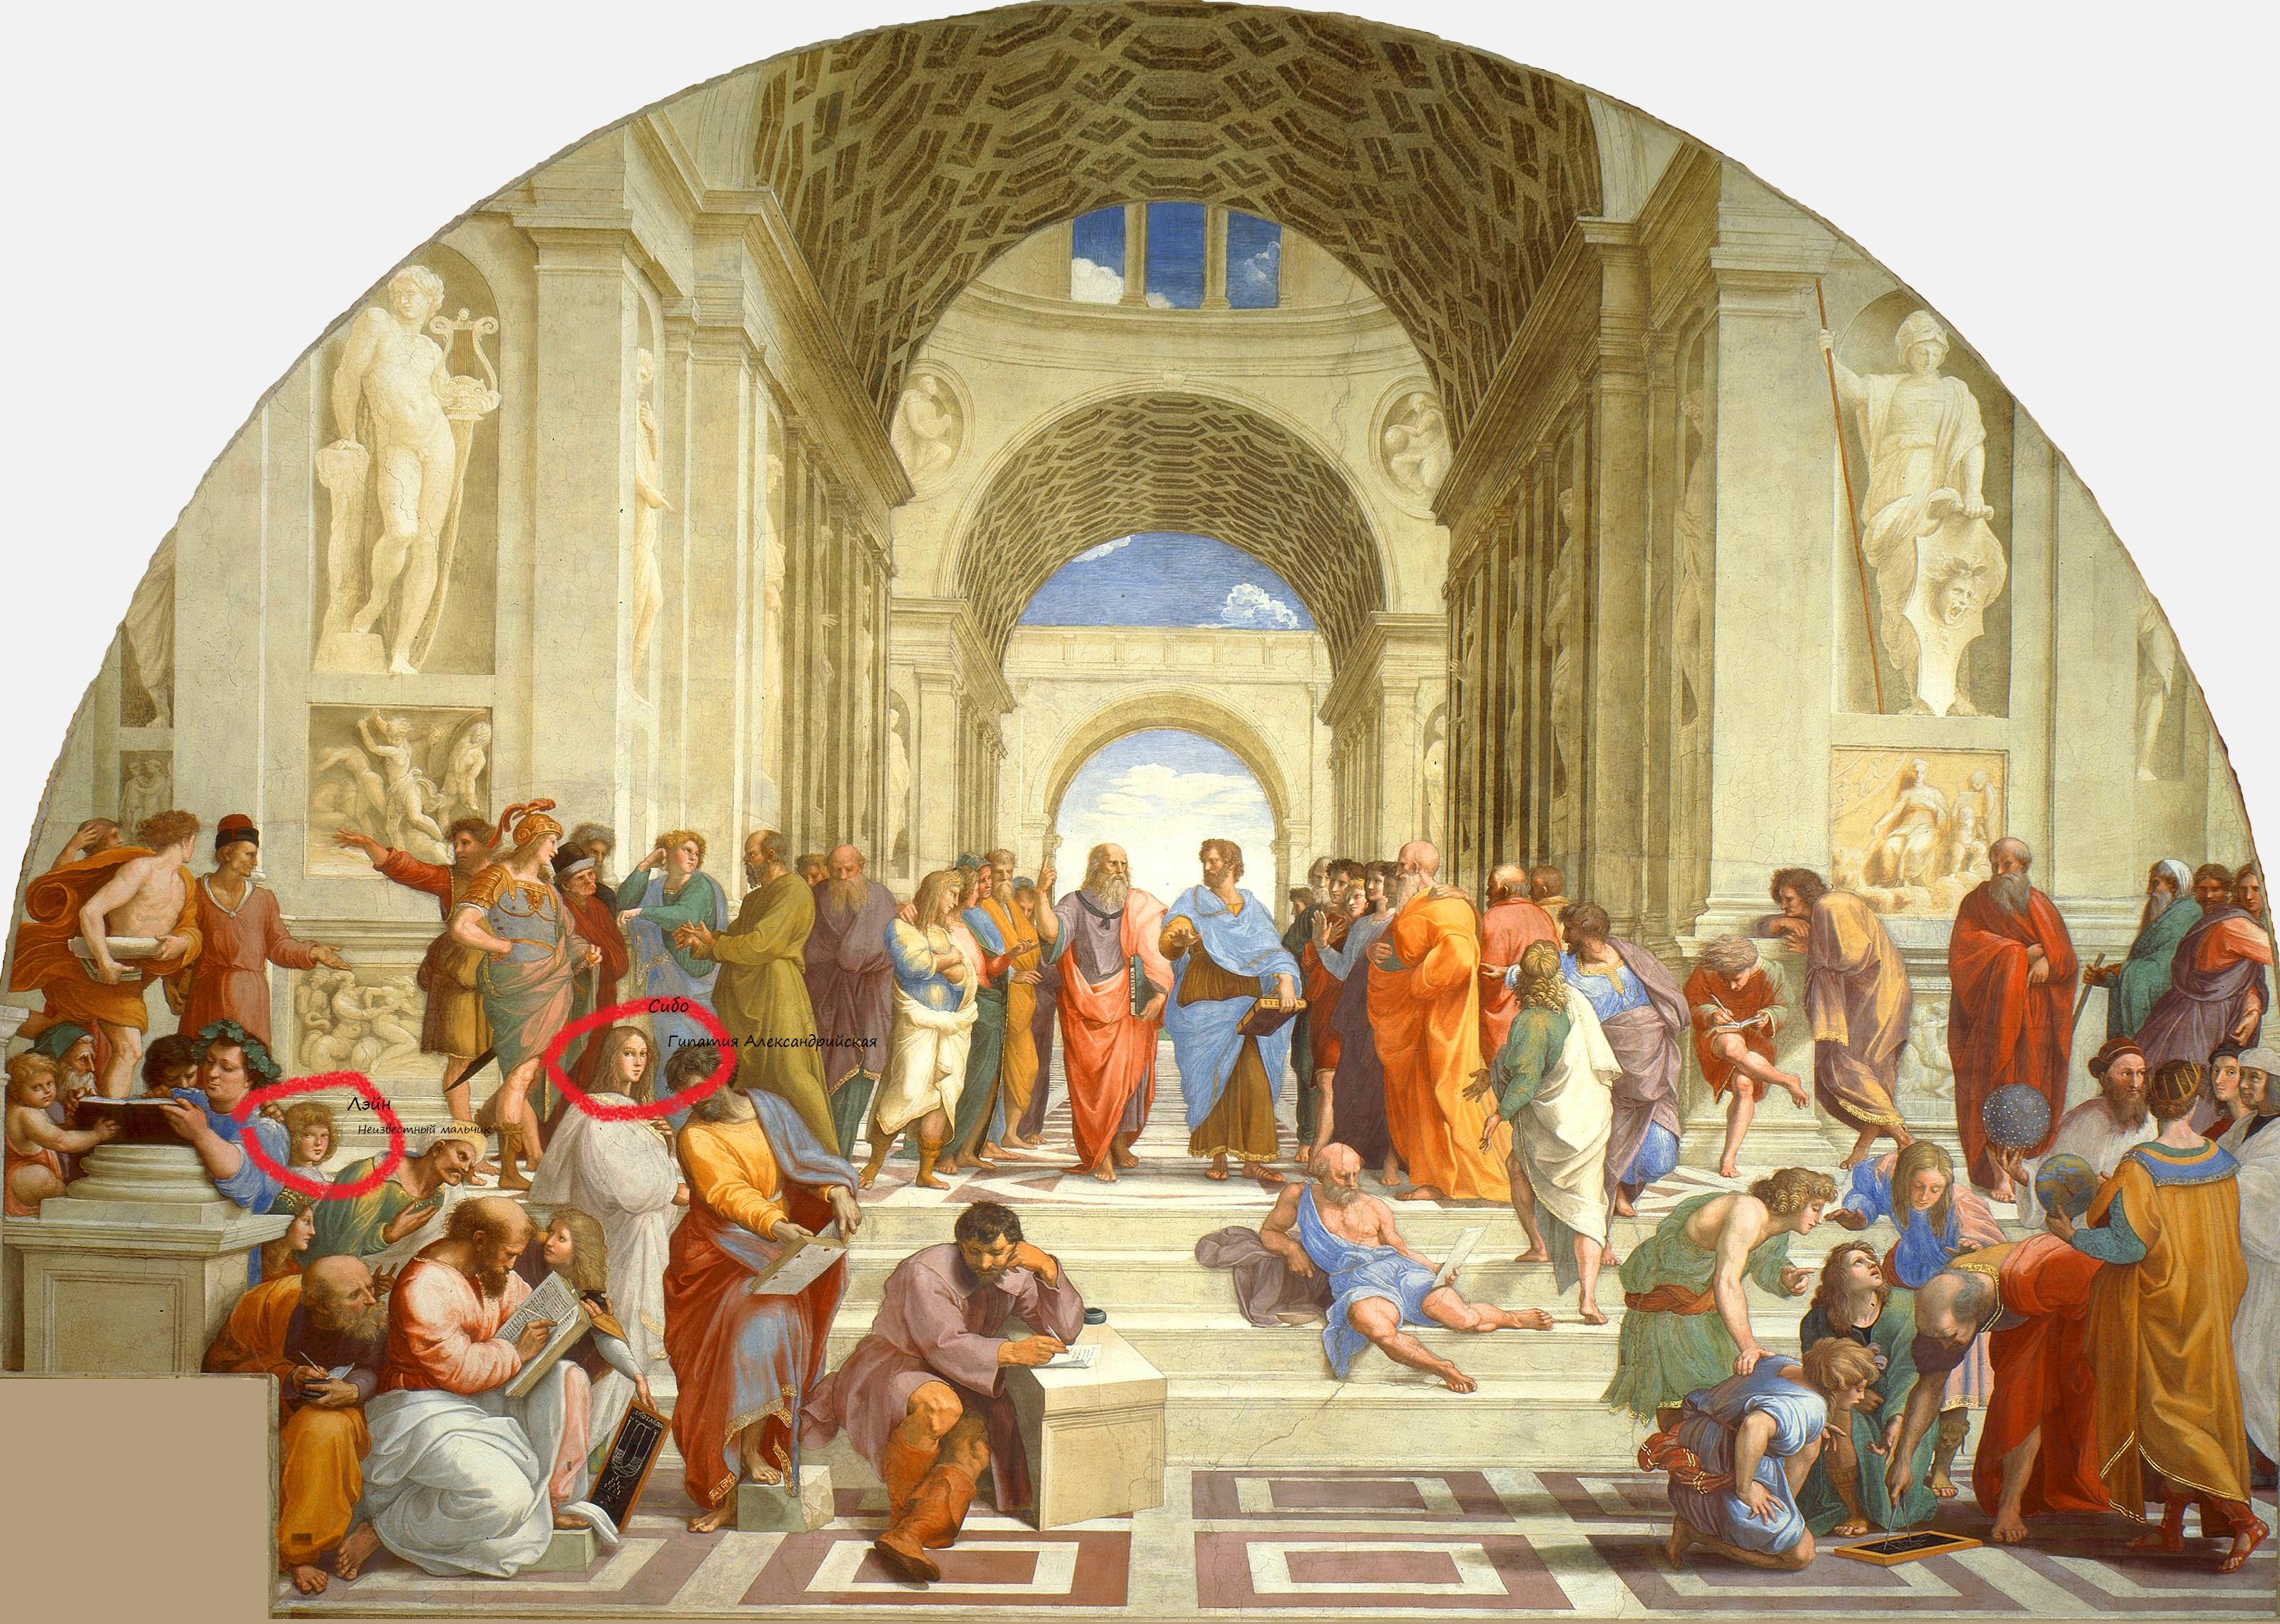 La_scuola_di_Atene Cibo vs Lain